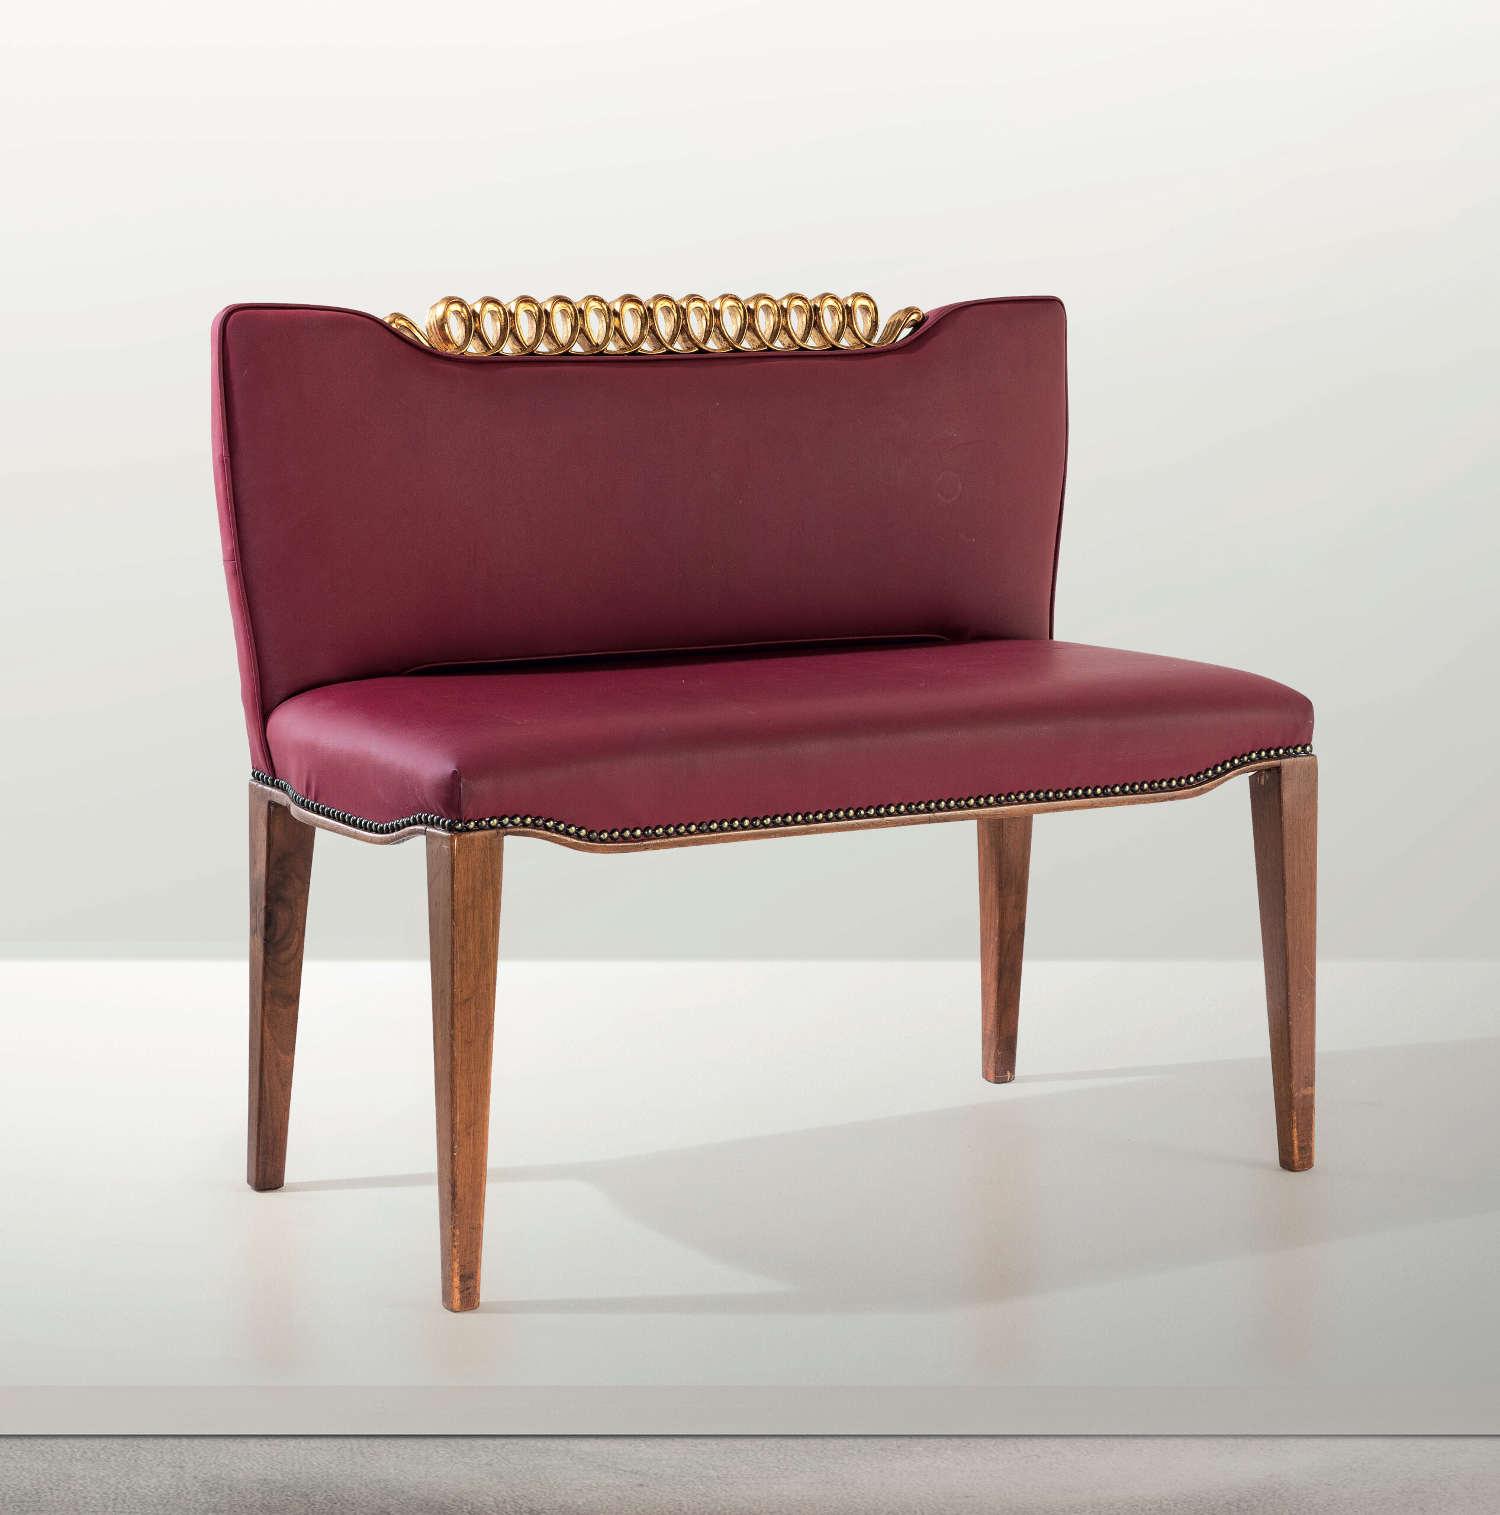 Design200 da Cambi: successo per la vendita a porte chiuse. Top price per Borsani